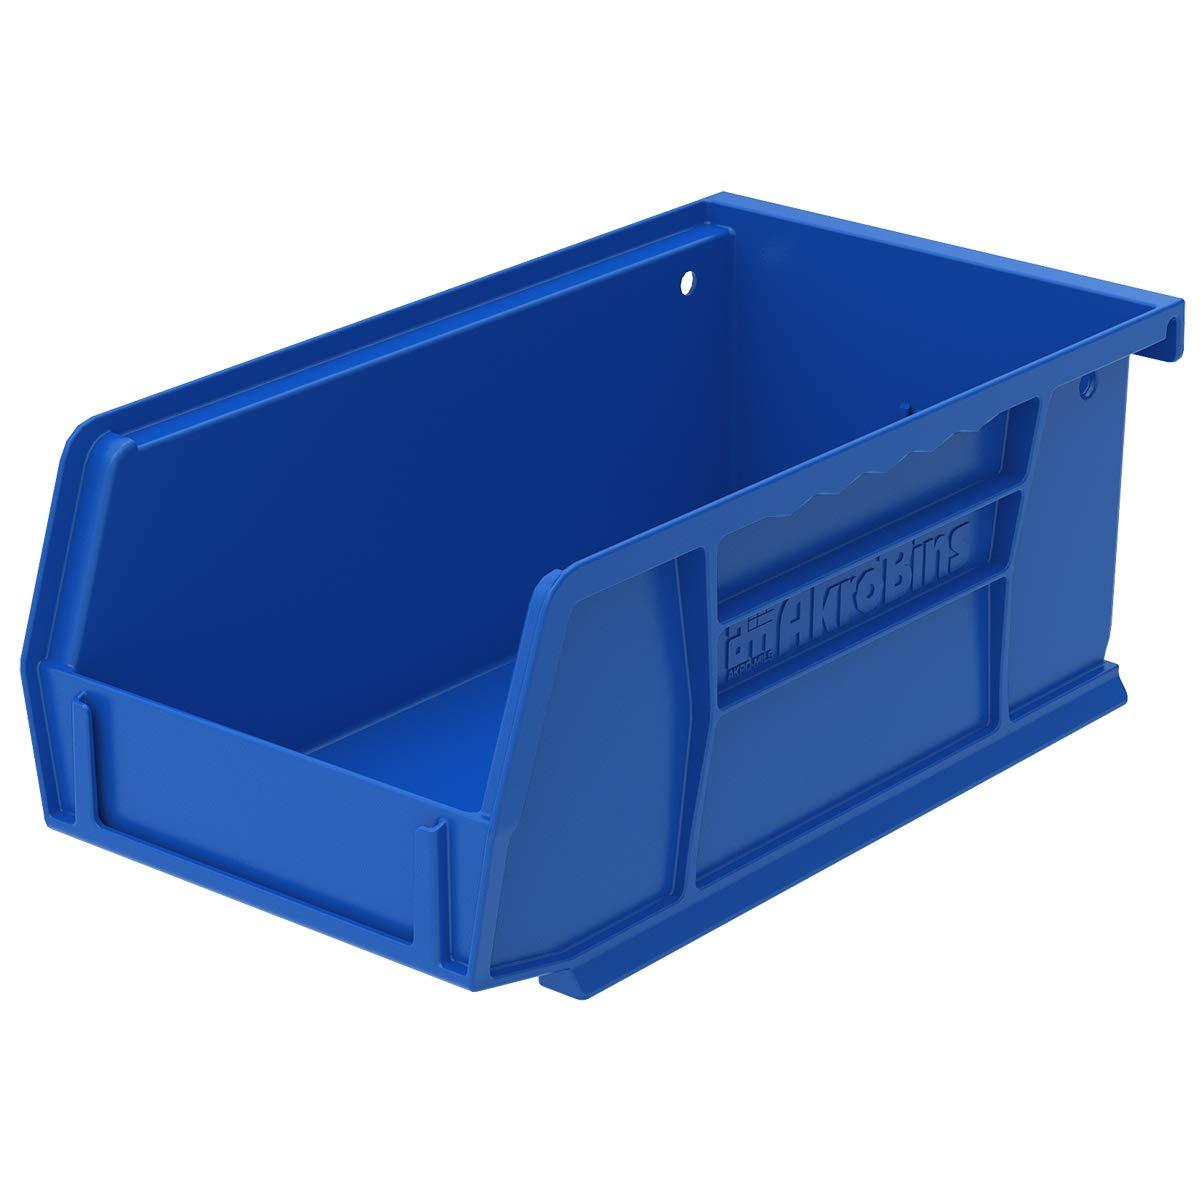 Akro-Mils 30220 Plastic Storage Stacking Akro